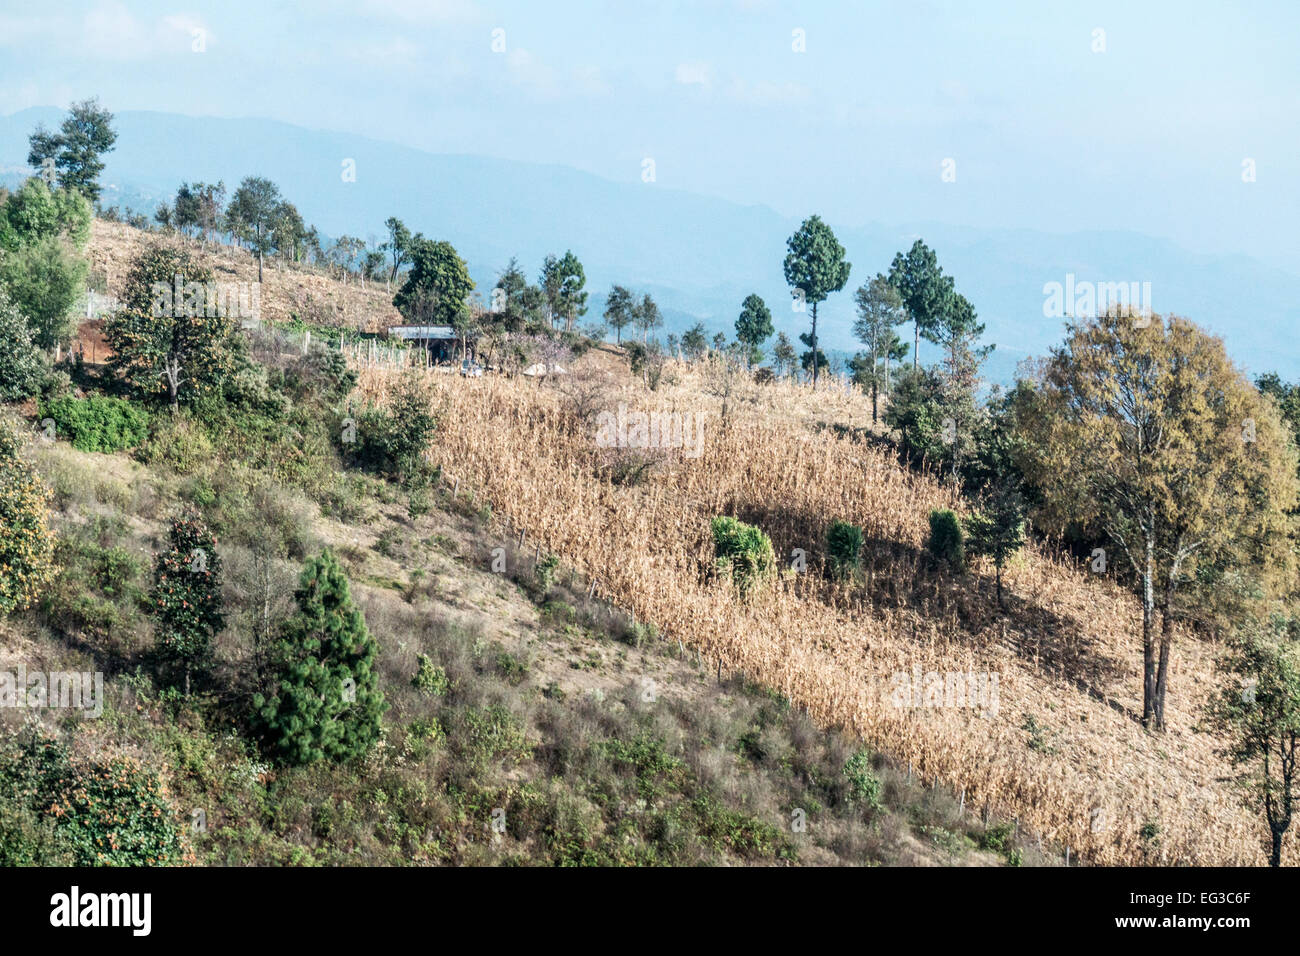 high altitude mountainous rural countryside near San Cristobal de las Casas Chiapas with subsistence farming on - Stock Image